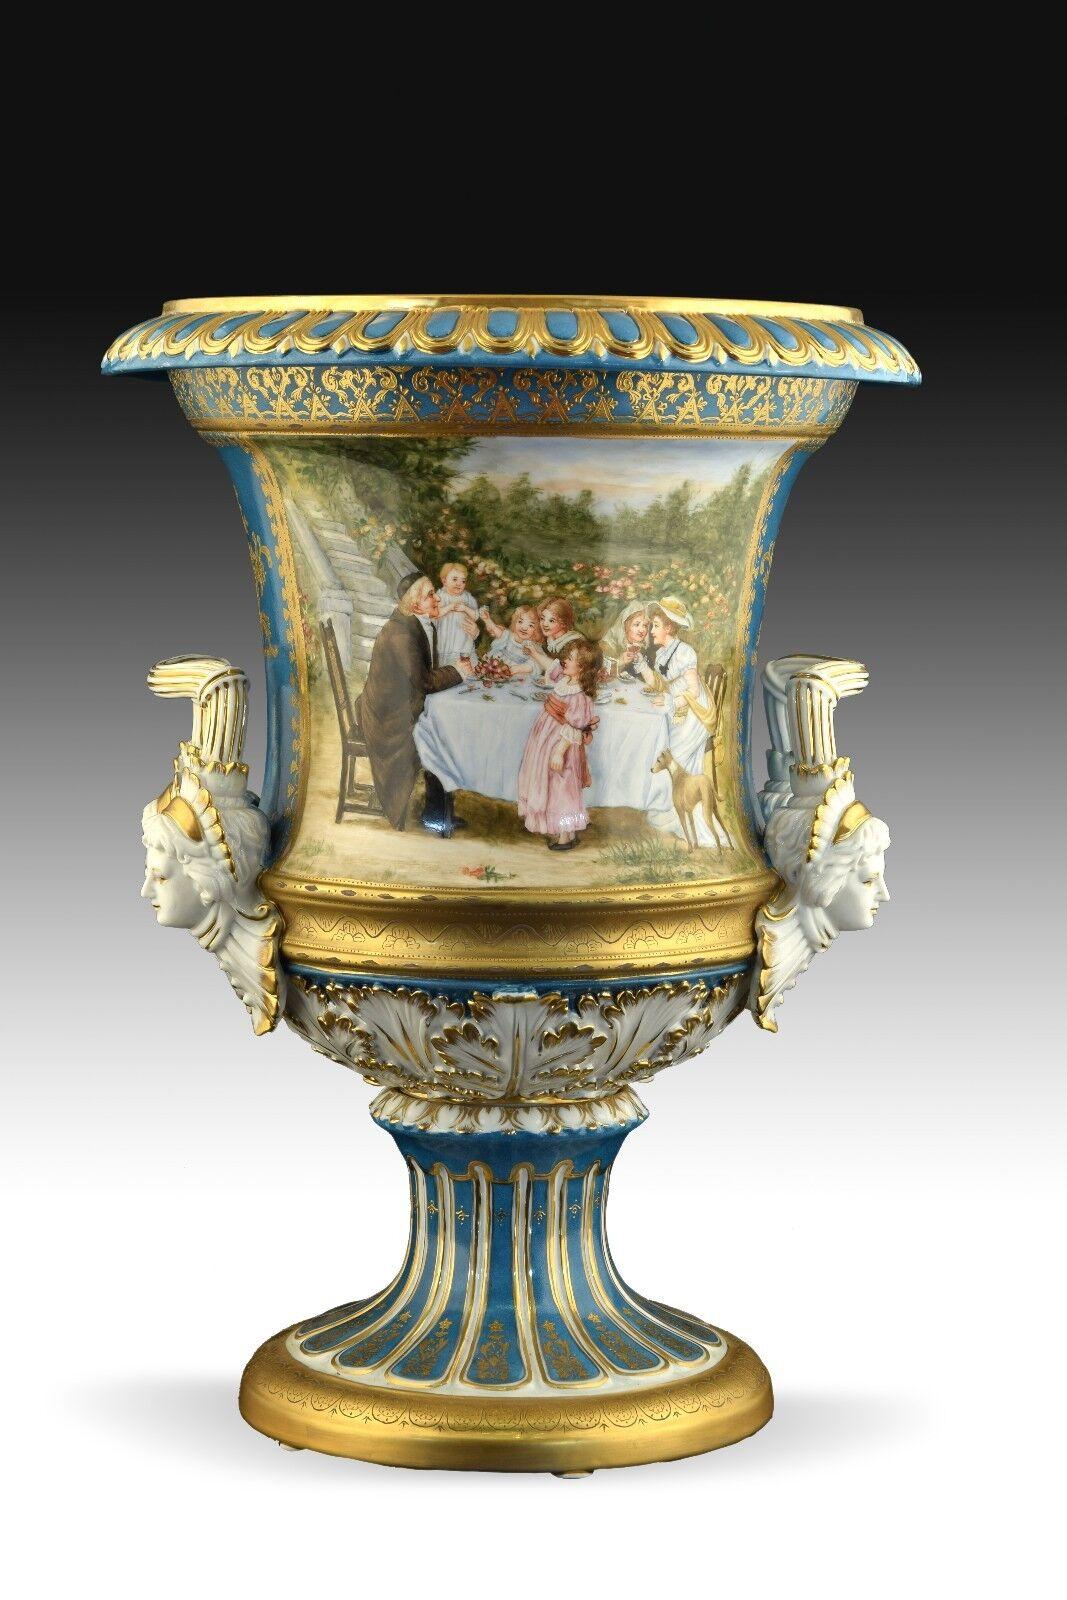 Copa de porcelana, siguiendo modelos de Meissen.